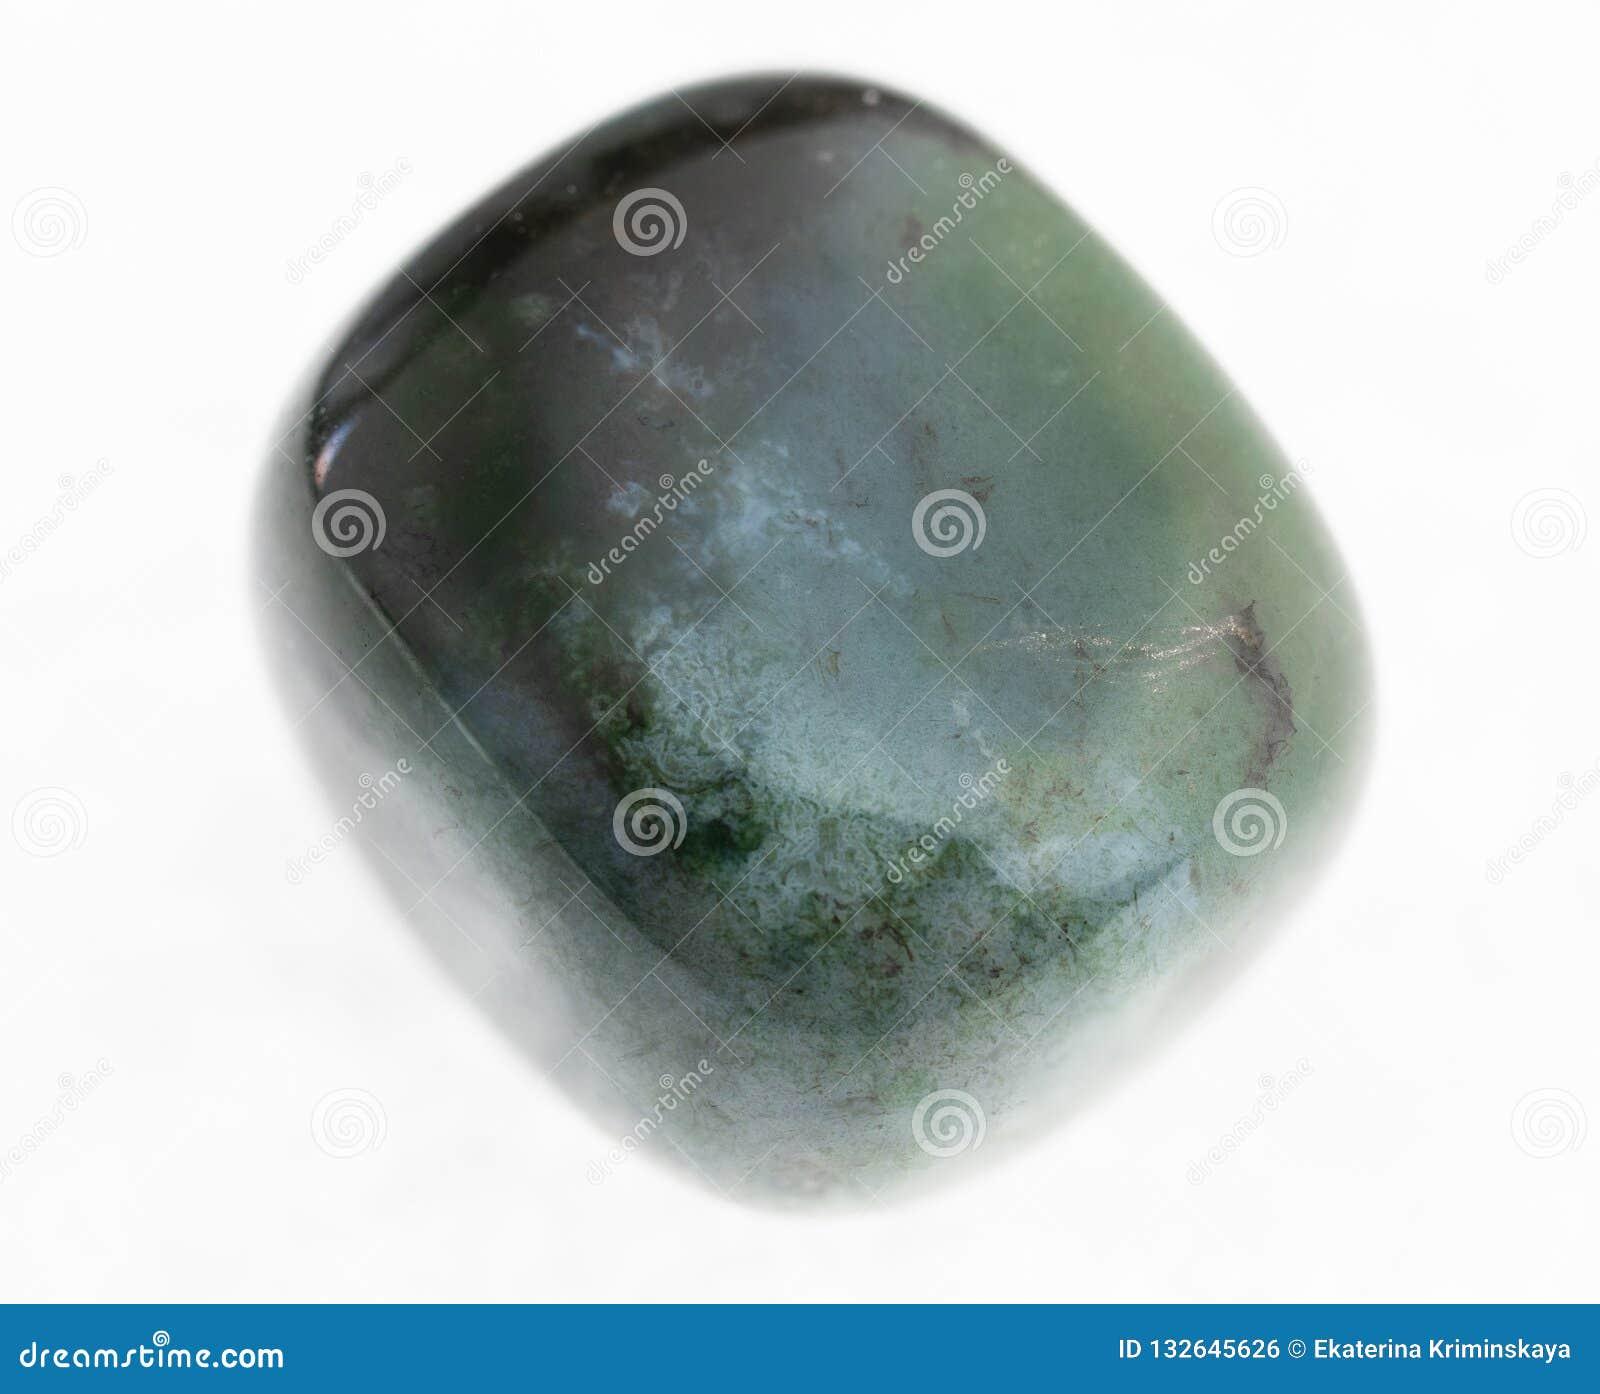 Polished Heliotrope (bloodstone) Gem On White Stock Photo - Image of